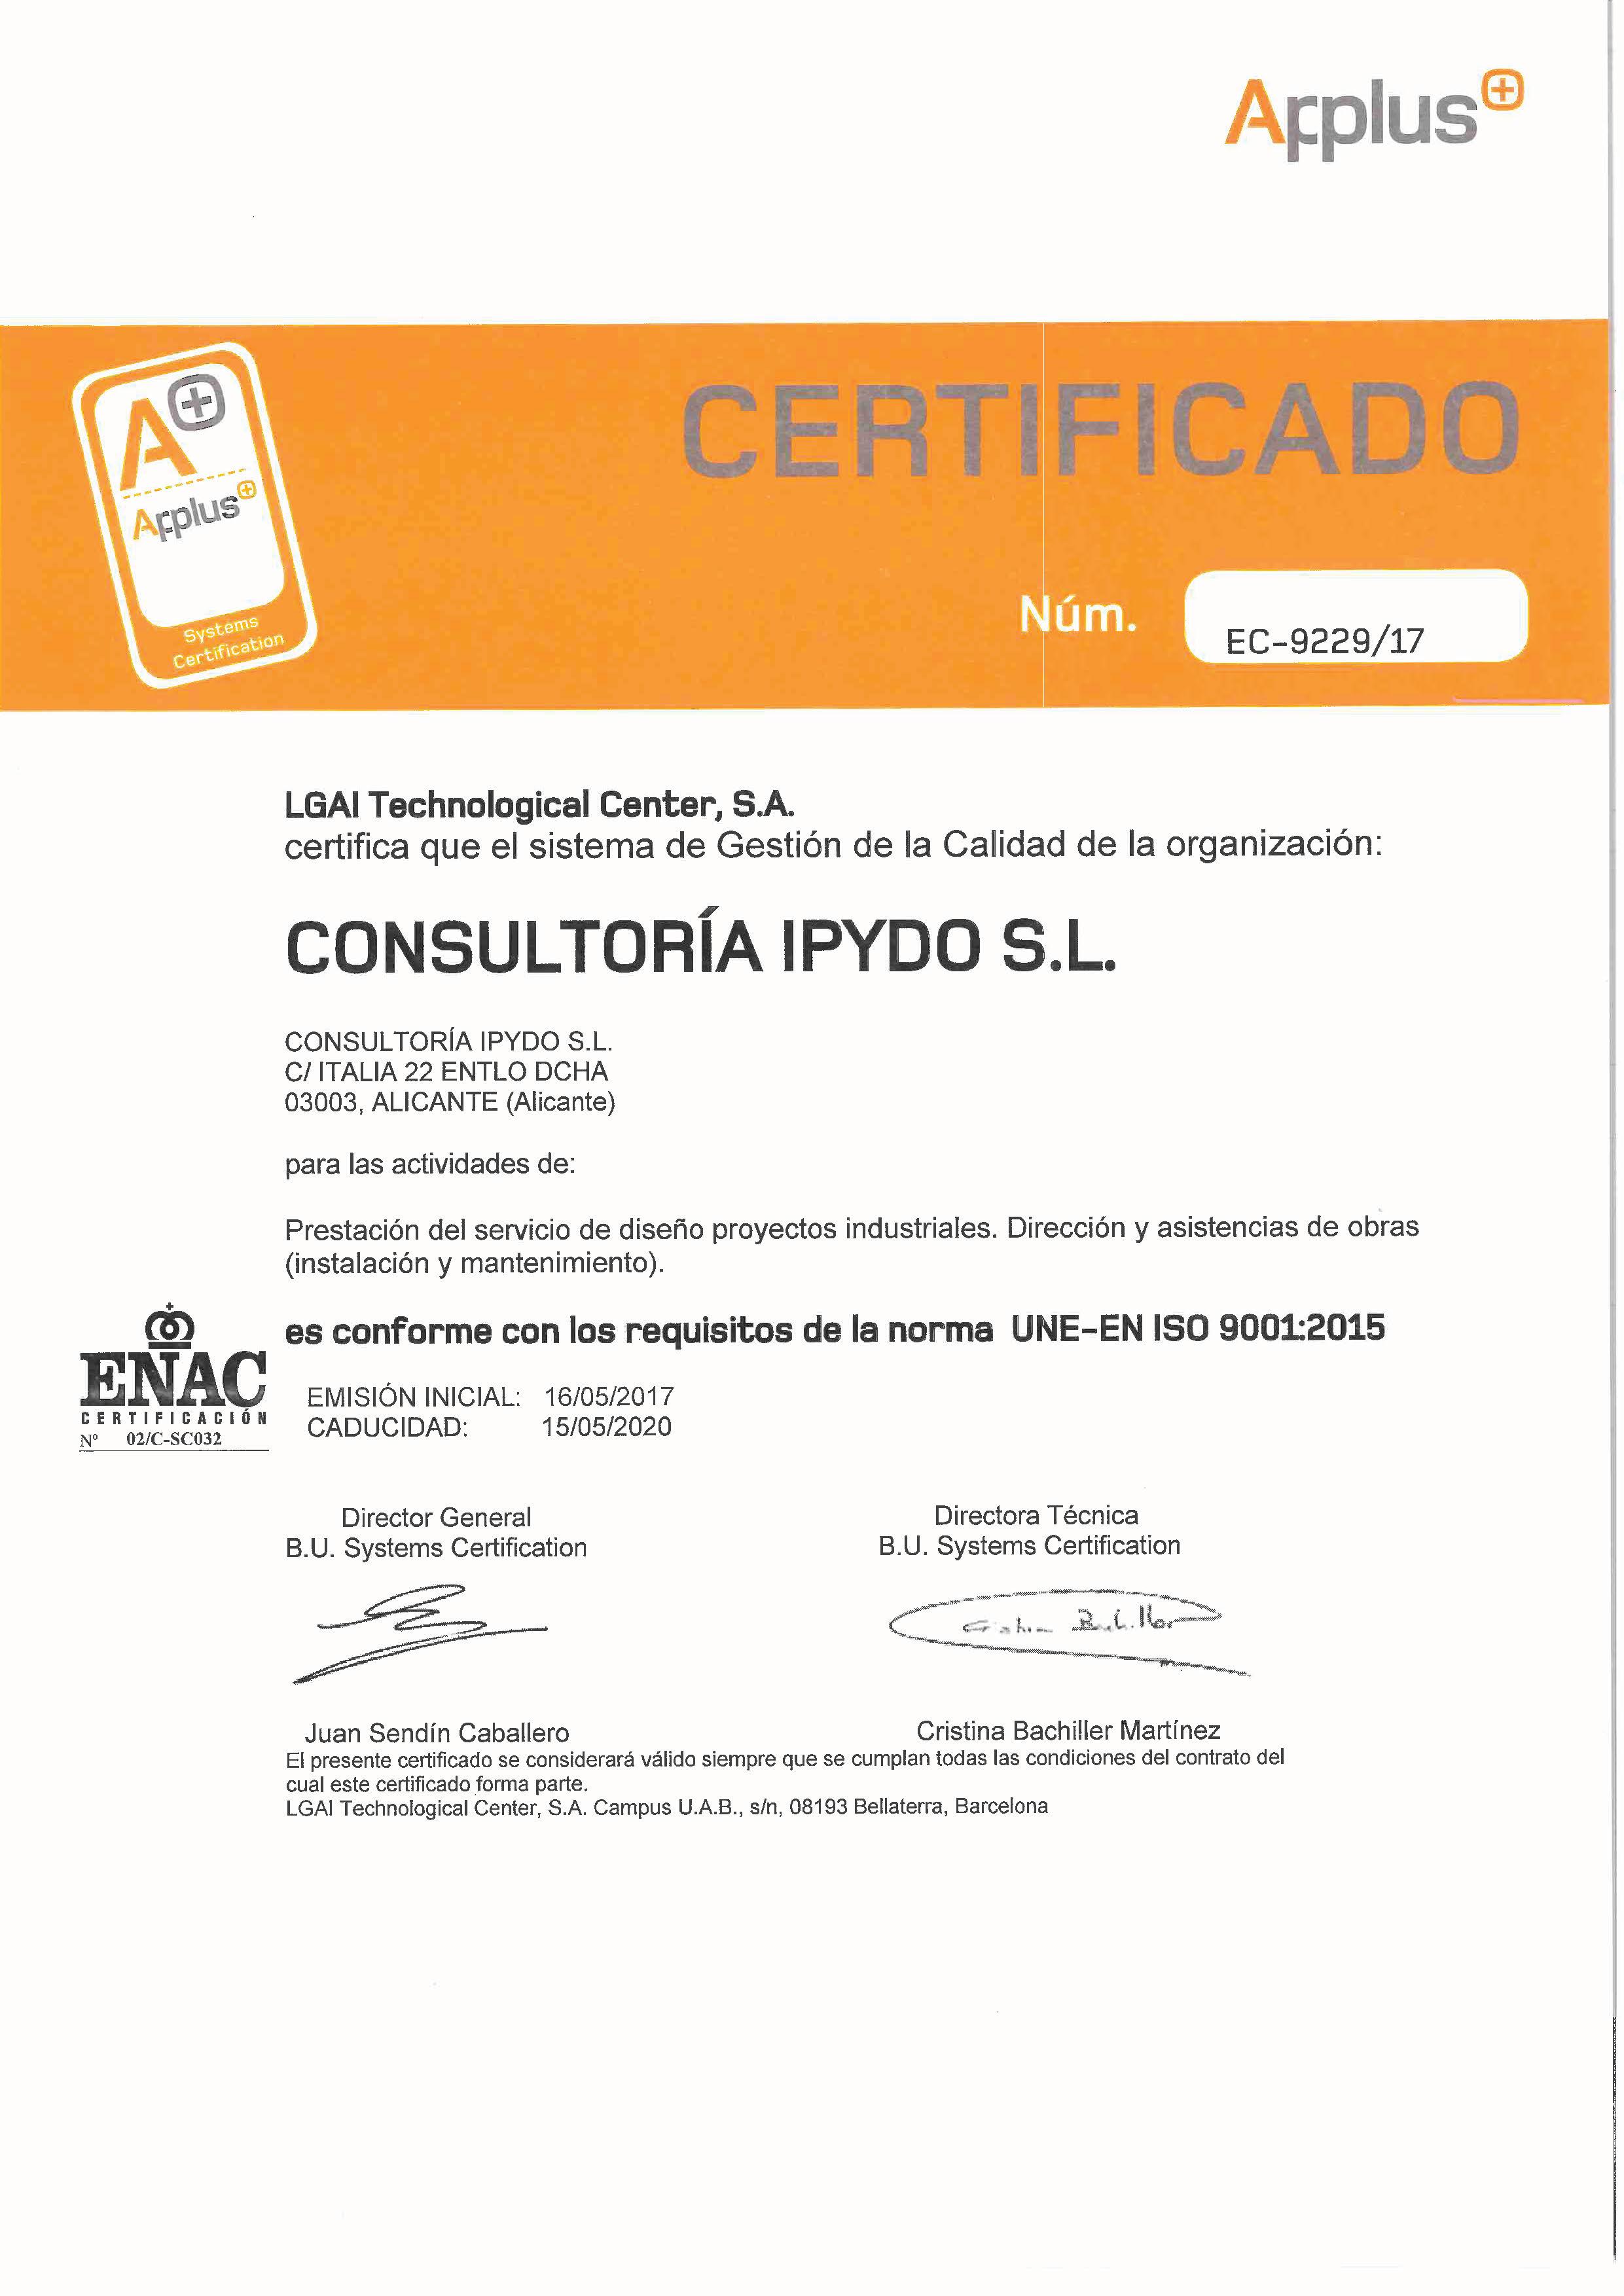 requisitos para ser certificado iso 9001